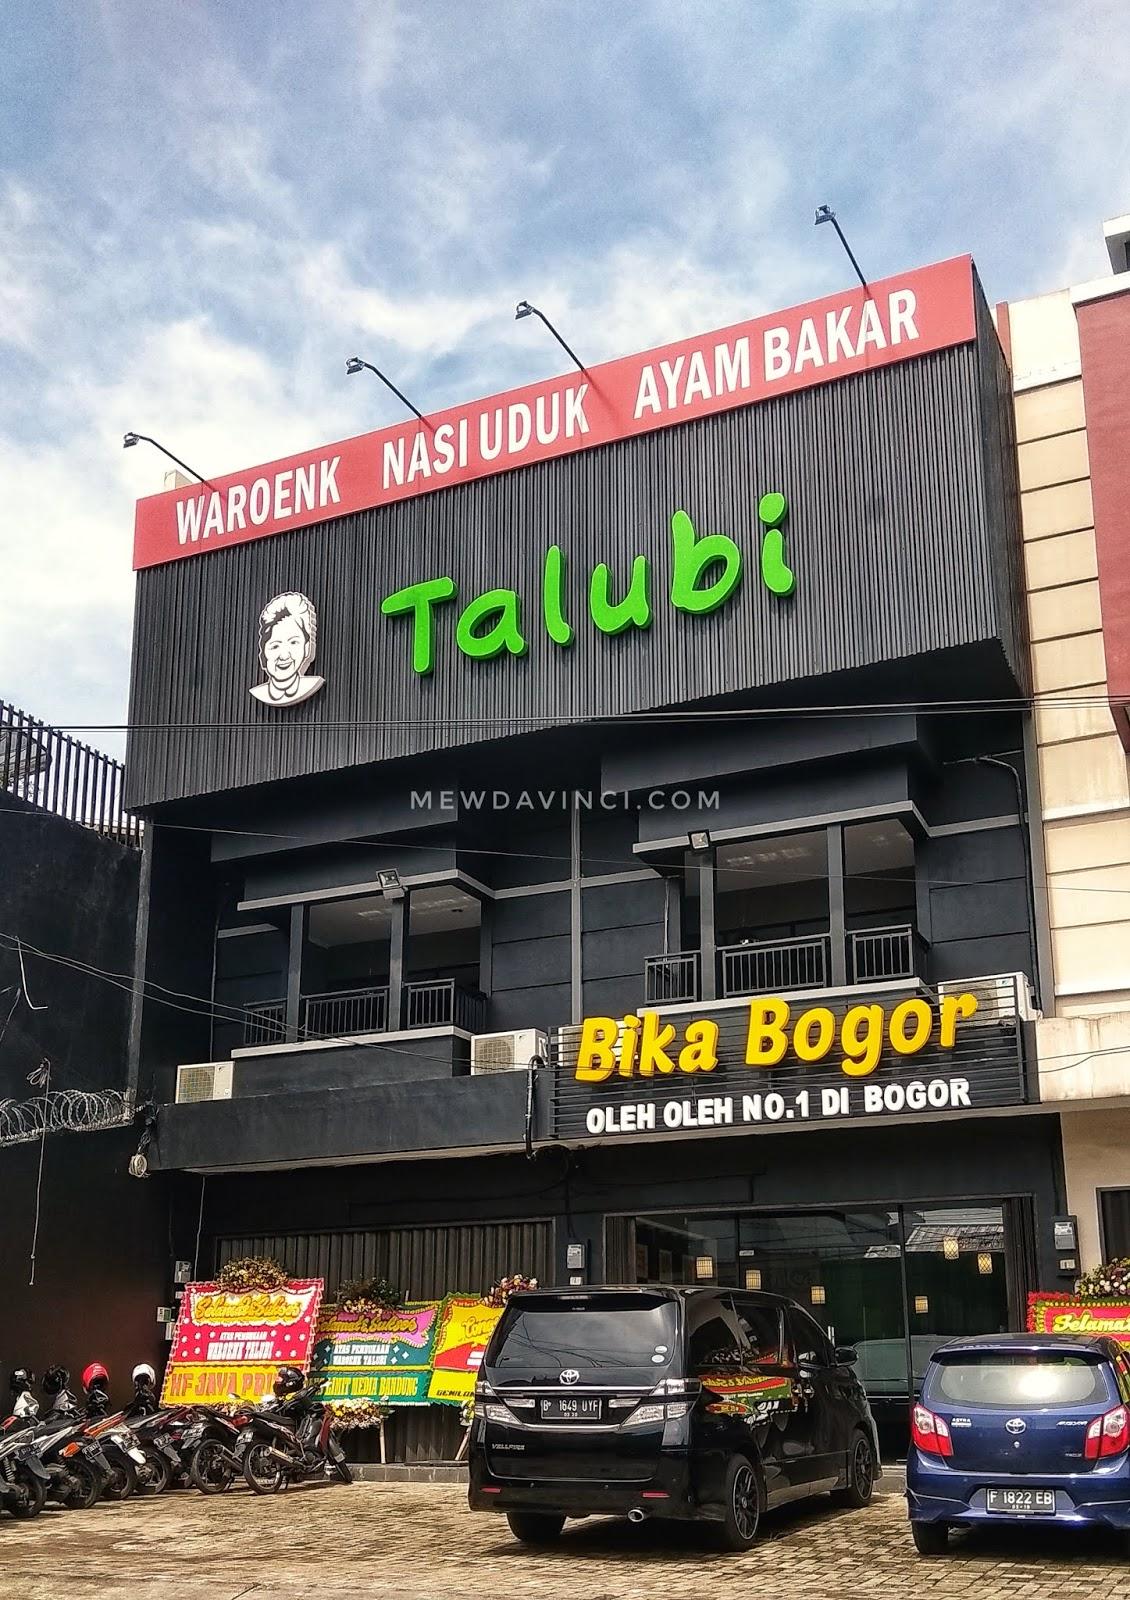 Rumah makan Waroenk Talubi Suryakencana Bogor